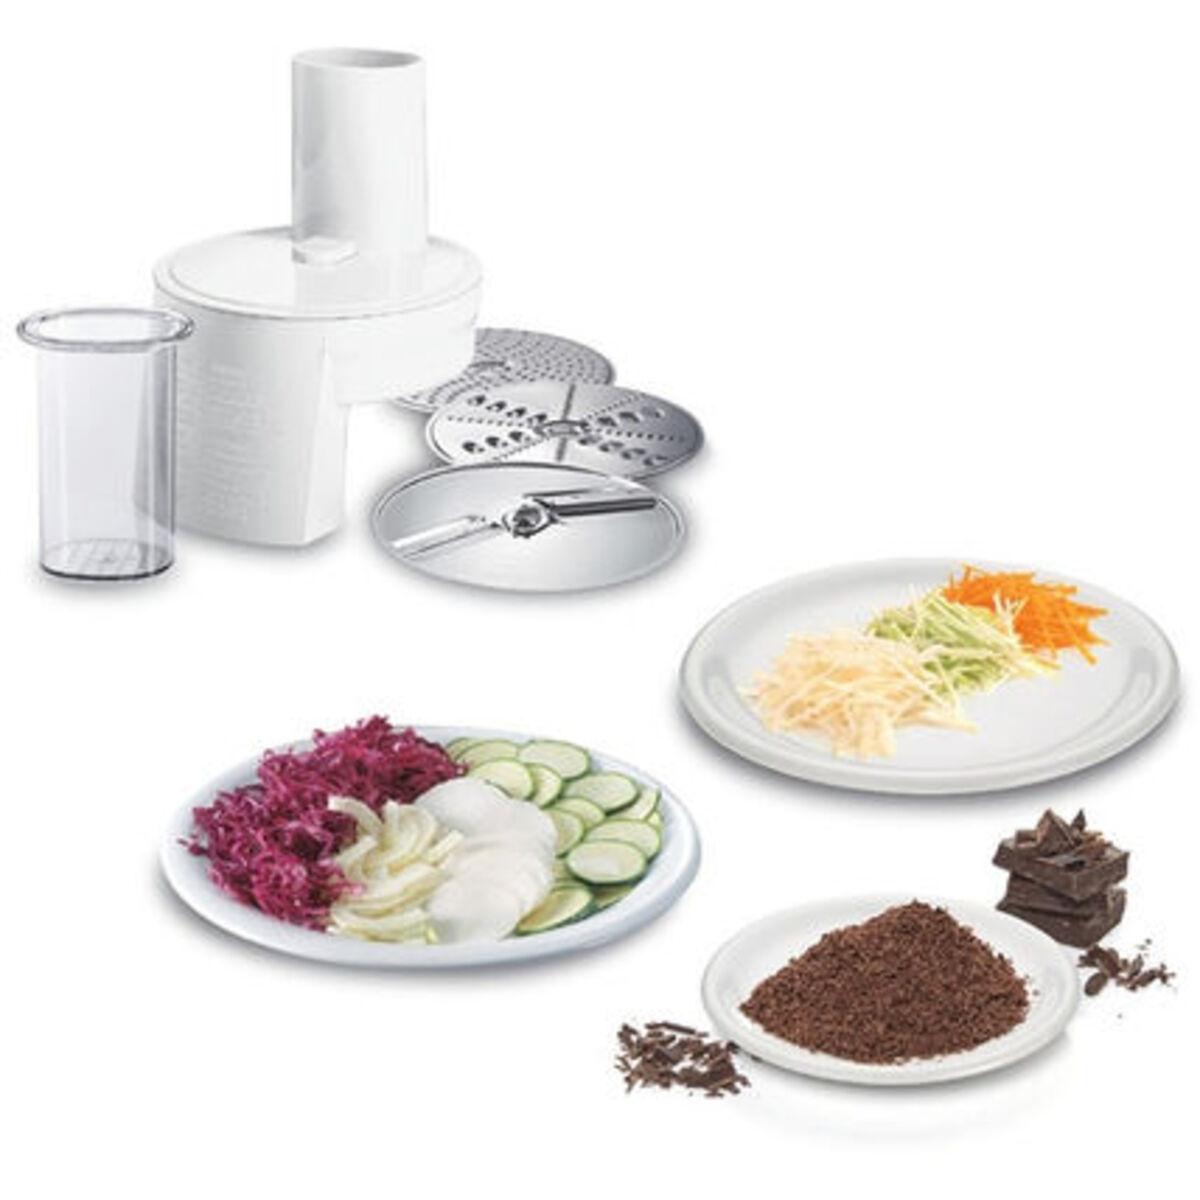 Bild 3 von Bosch Küchenmaschine MUM4825, weiß, weiß